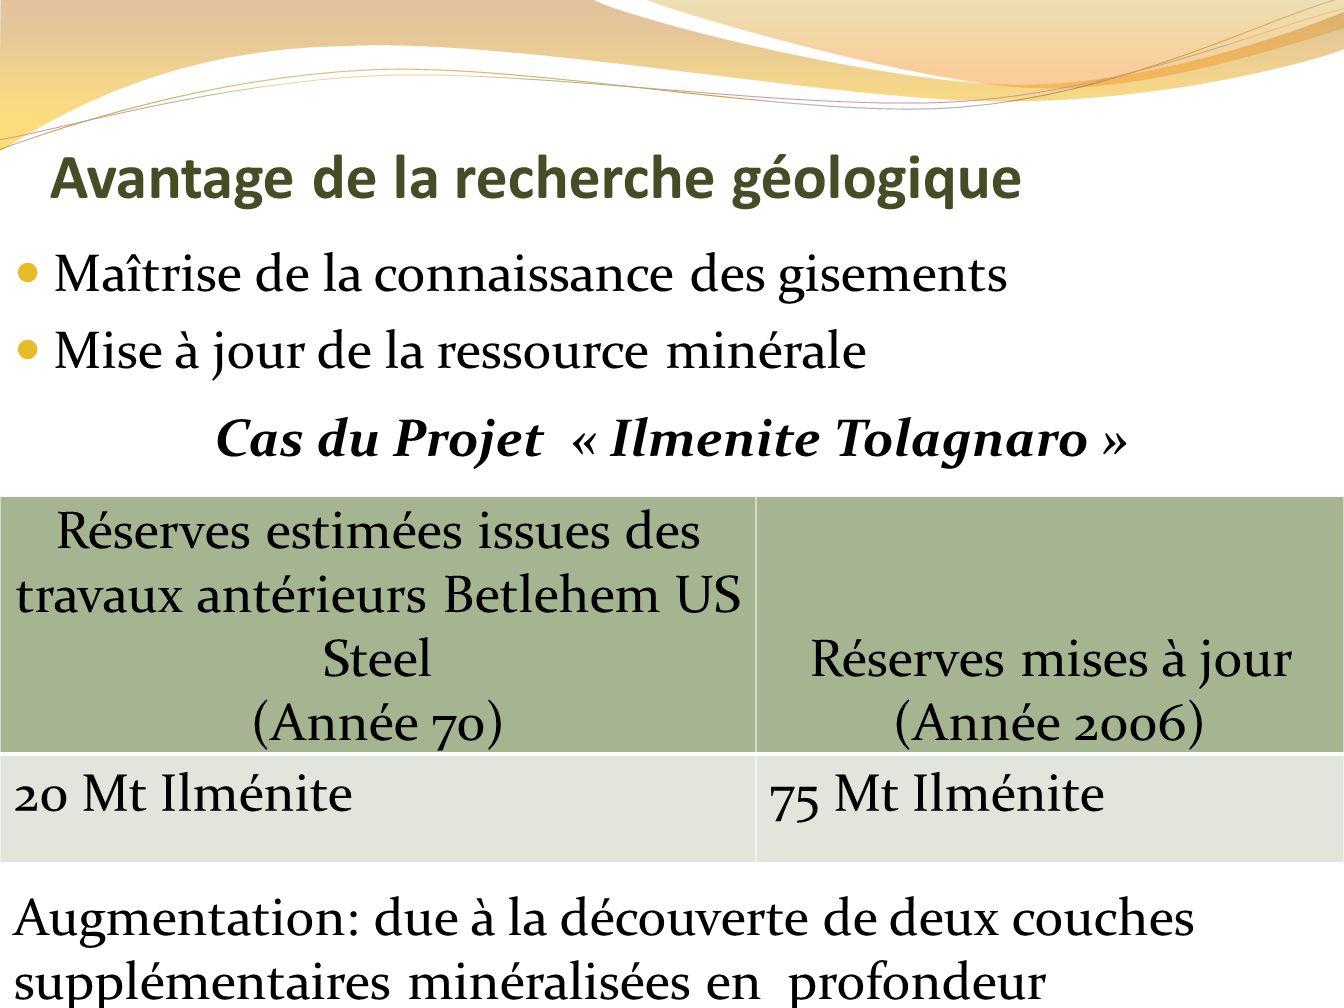 Avantage de la recherche géologique